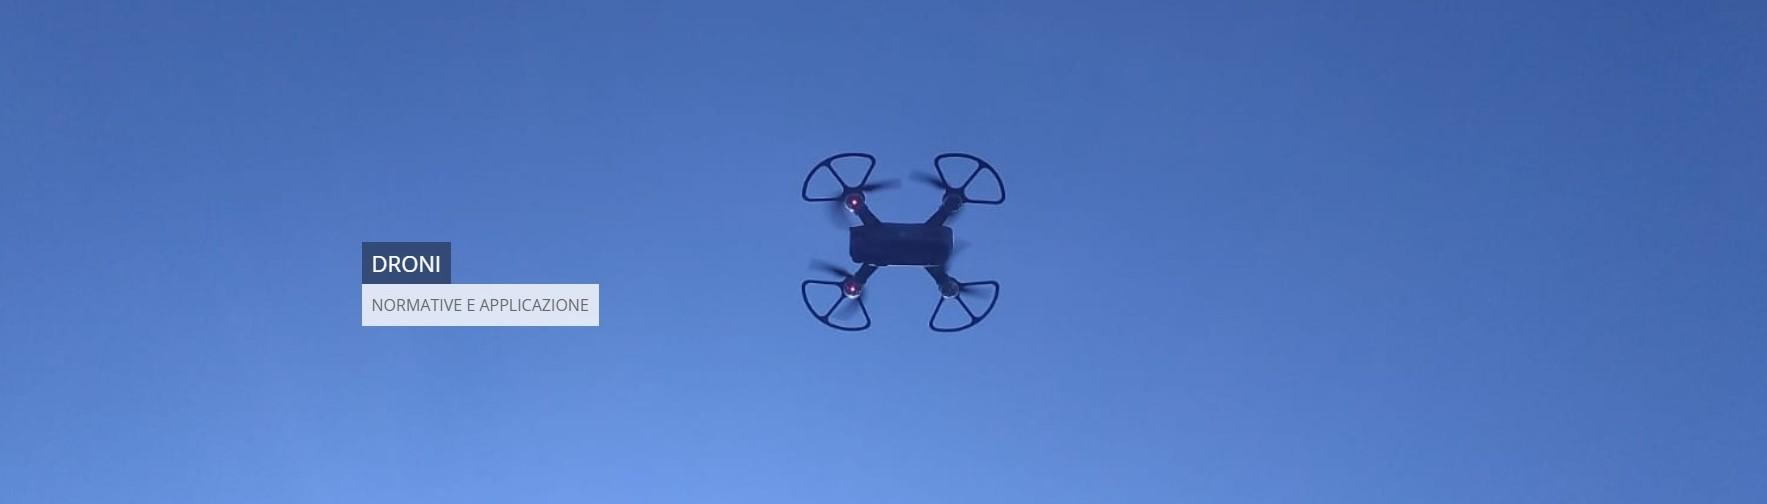 FORMAZIONE ALL'UTILIZZZO DEI DRONI